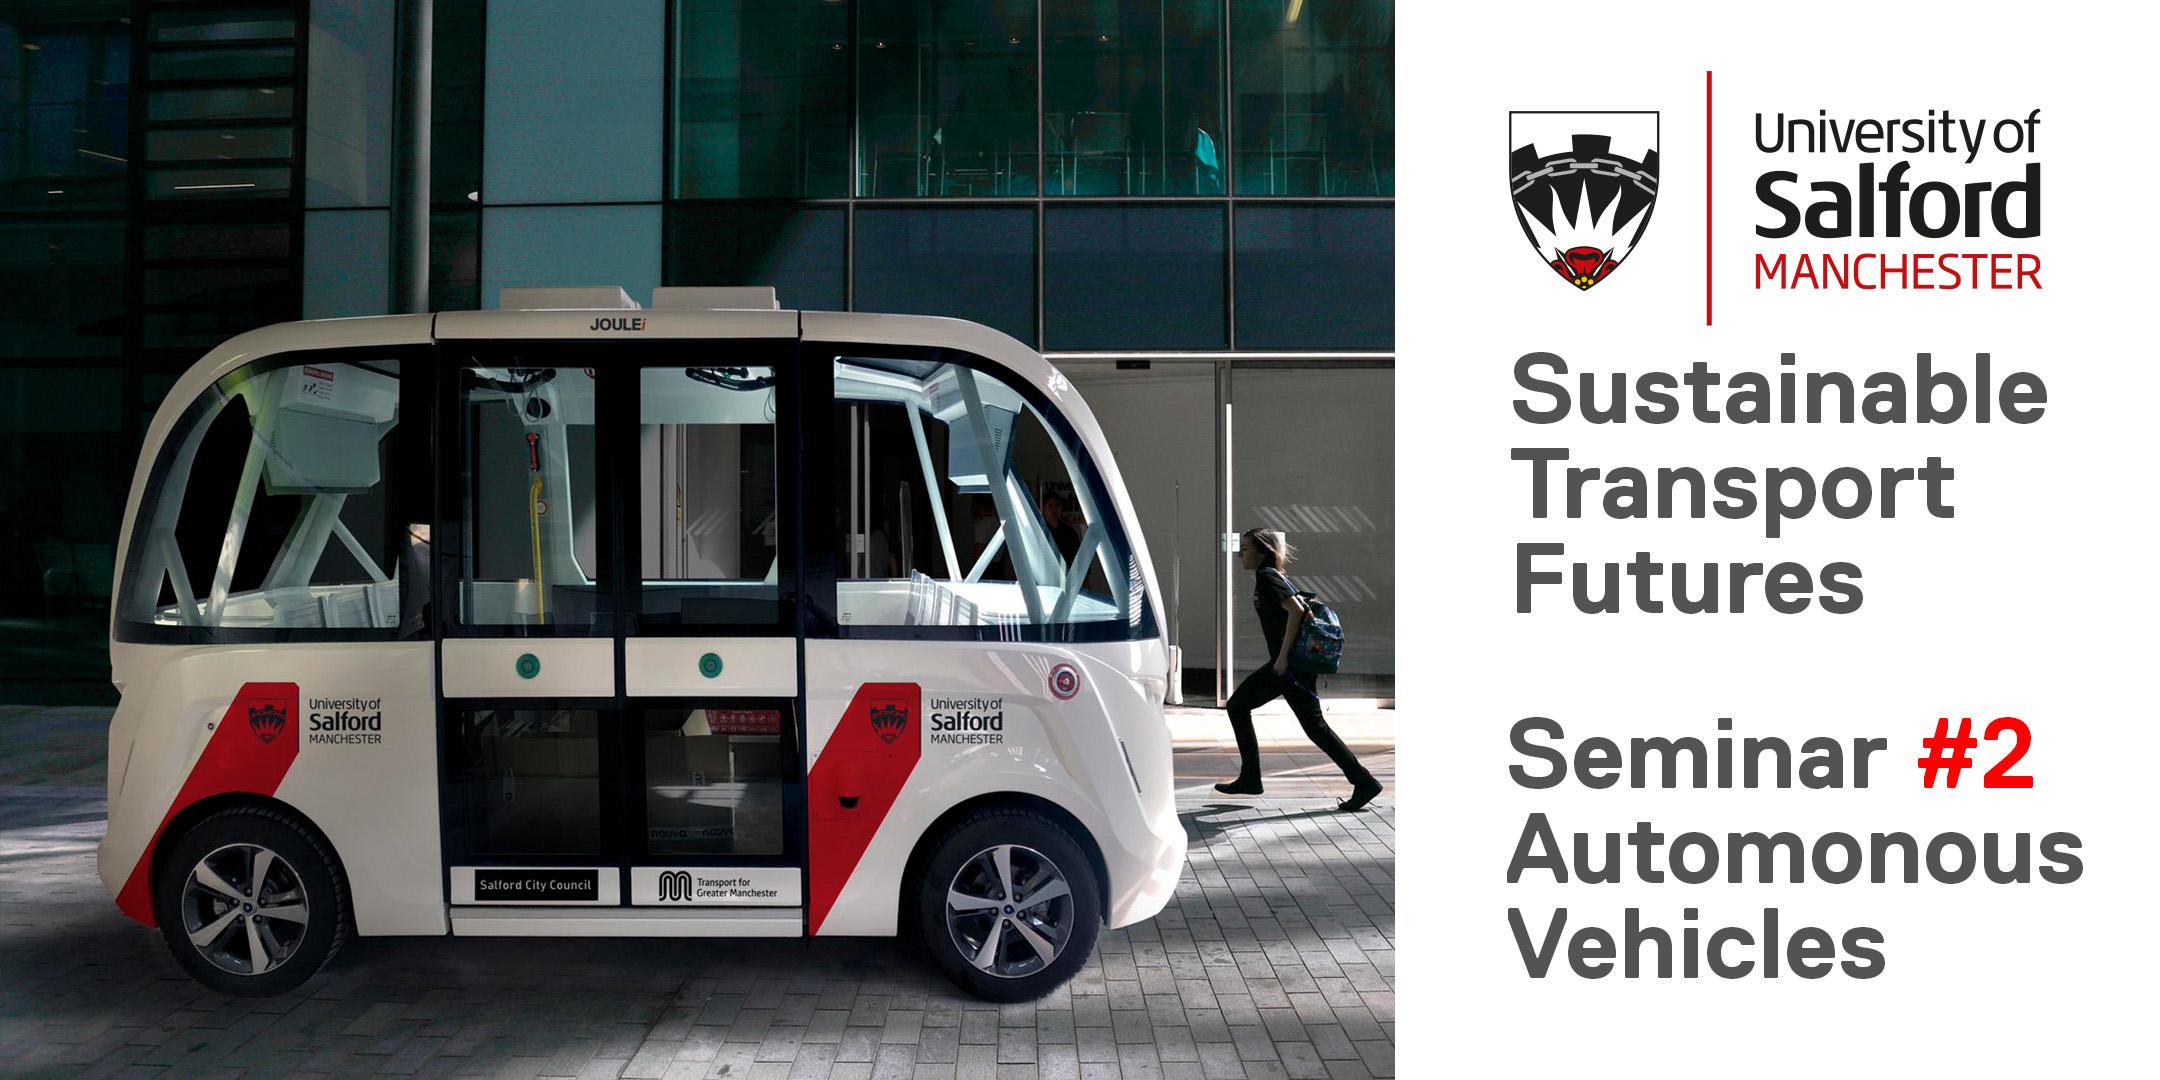 Autonomous Vehicles as part of Sustainable Transport